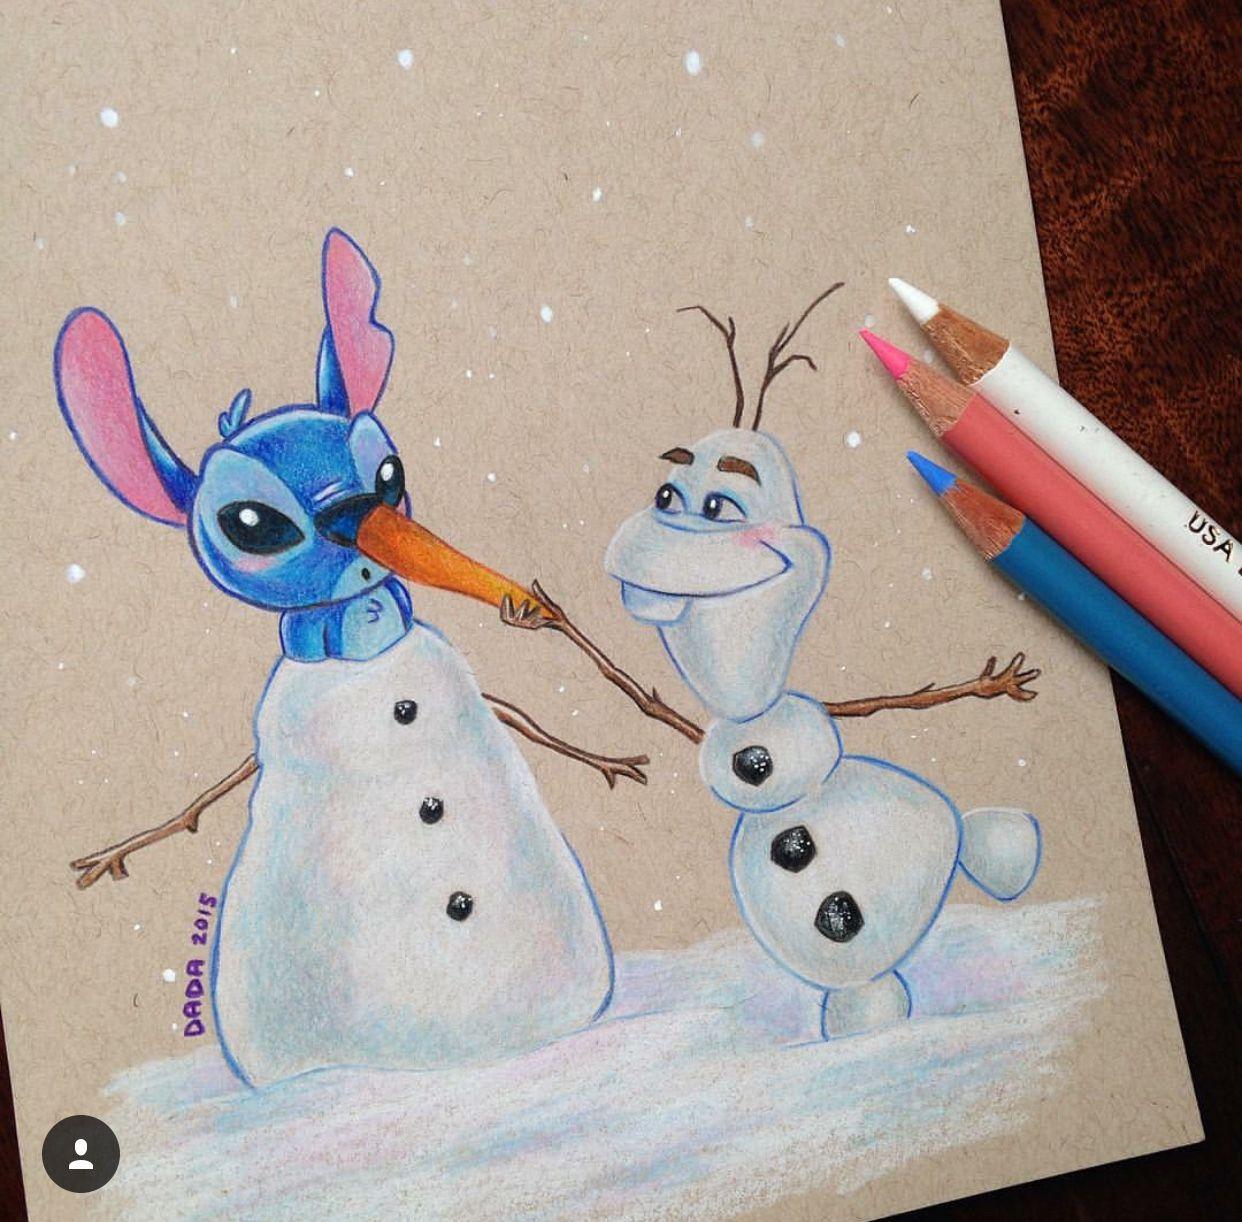 Dada Disney Stitch and Olaf Art Pinterest Disney stitch